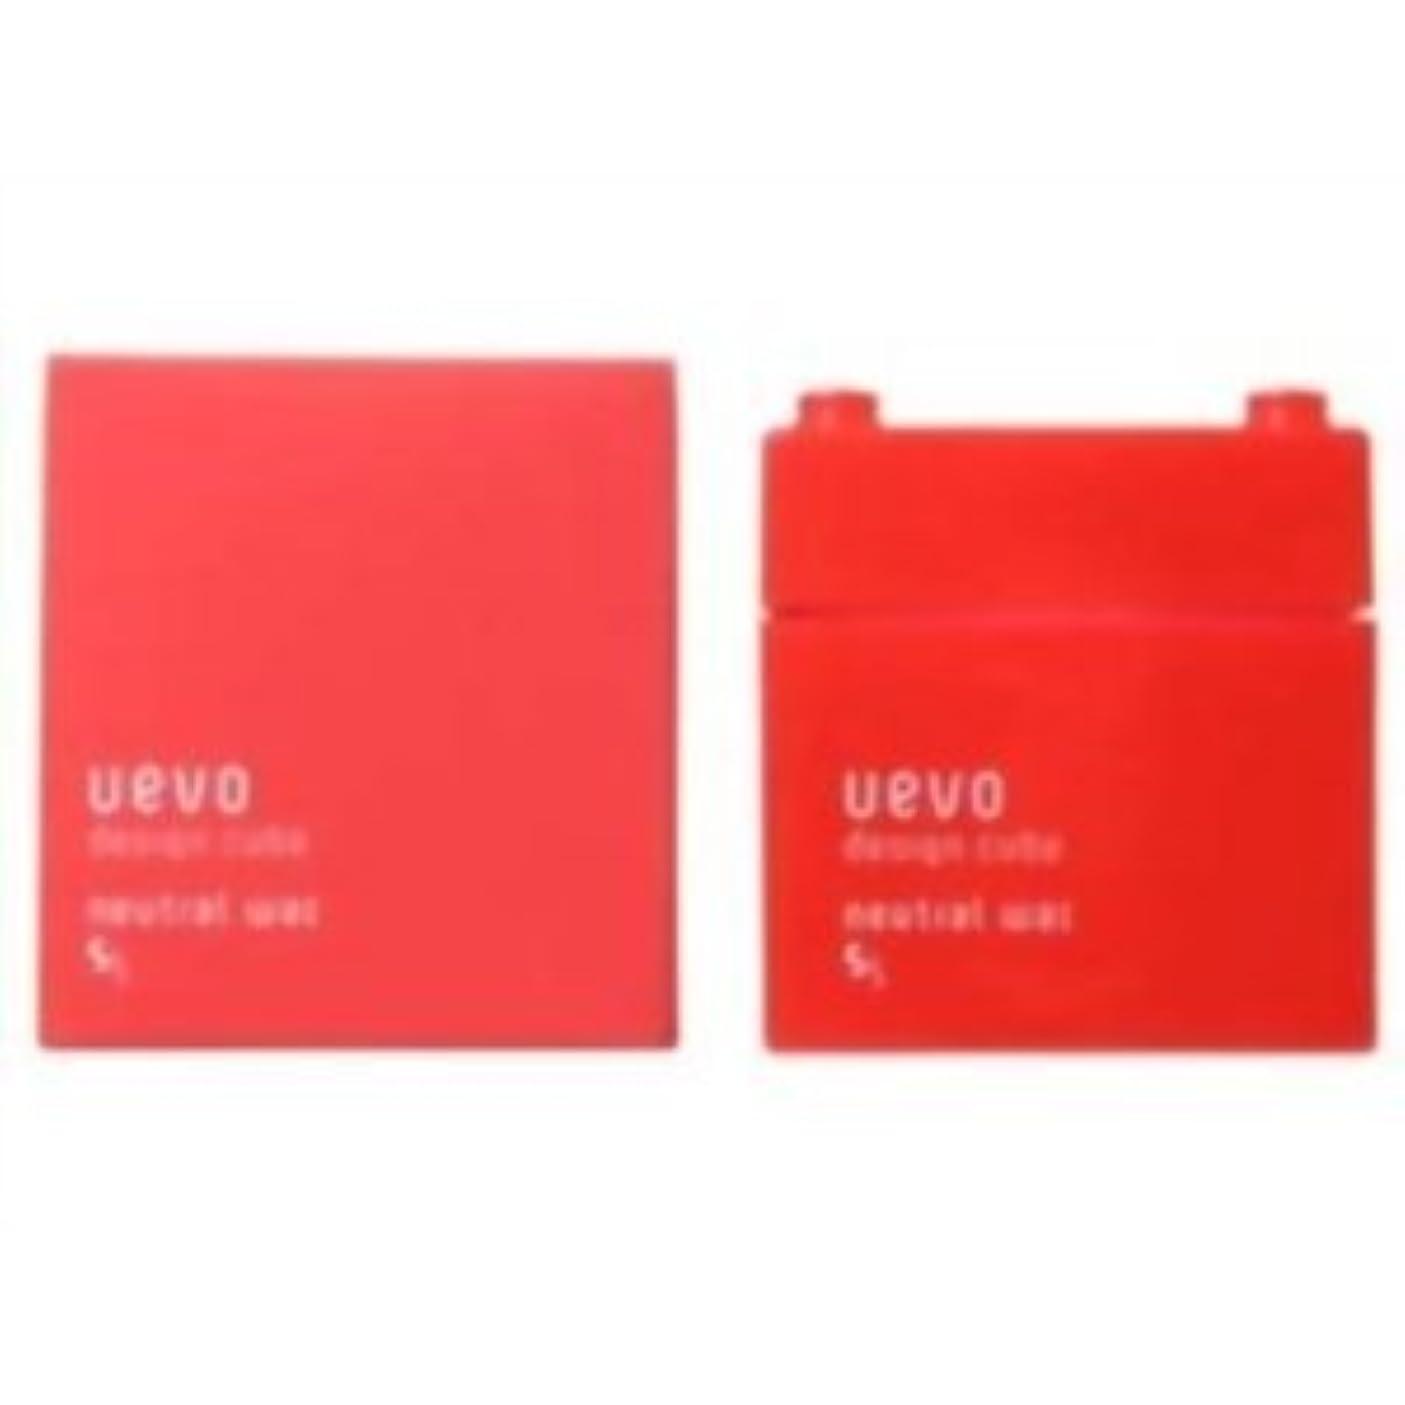 肯定的短命文字【X3個セット】 デミ ウェーボ デザインキューブ ニュートラルワックス 80g neutral wax DEMI uevo design cube